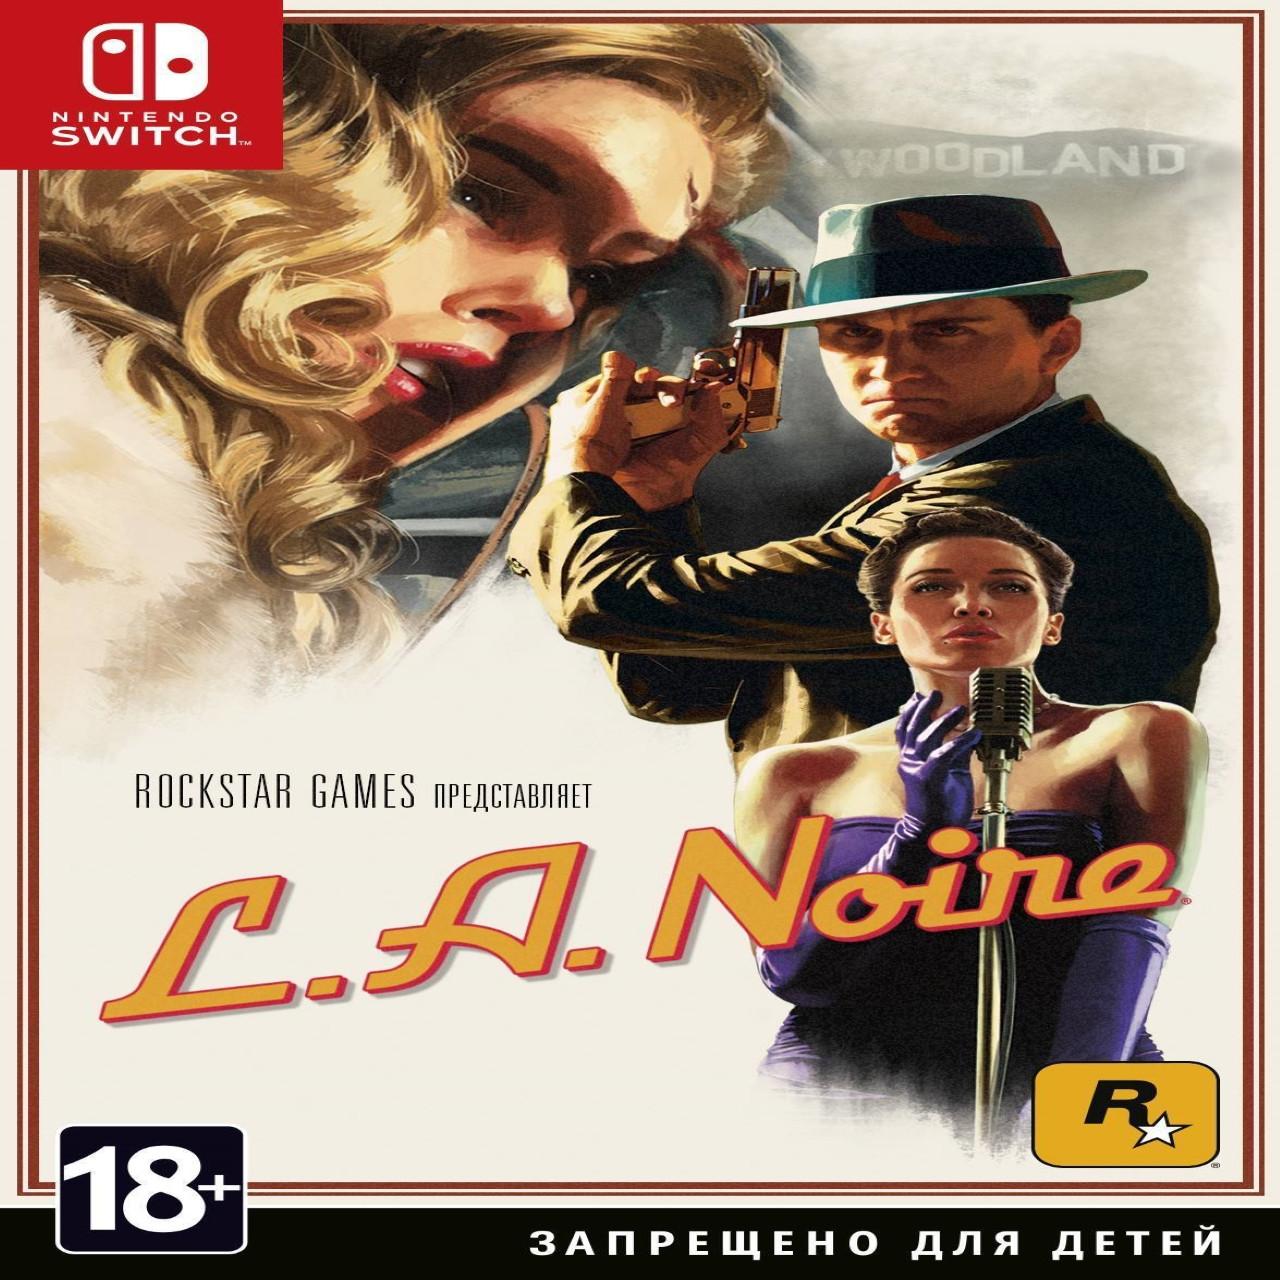 L.A. Noire SUB Nintendo Switch (NEW)